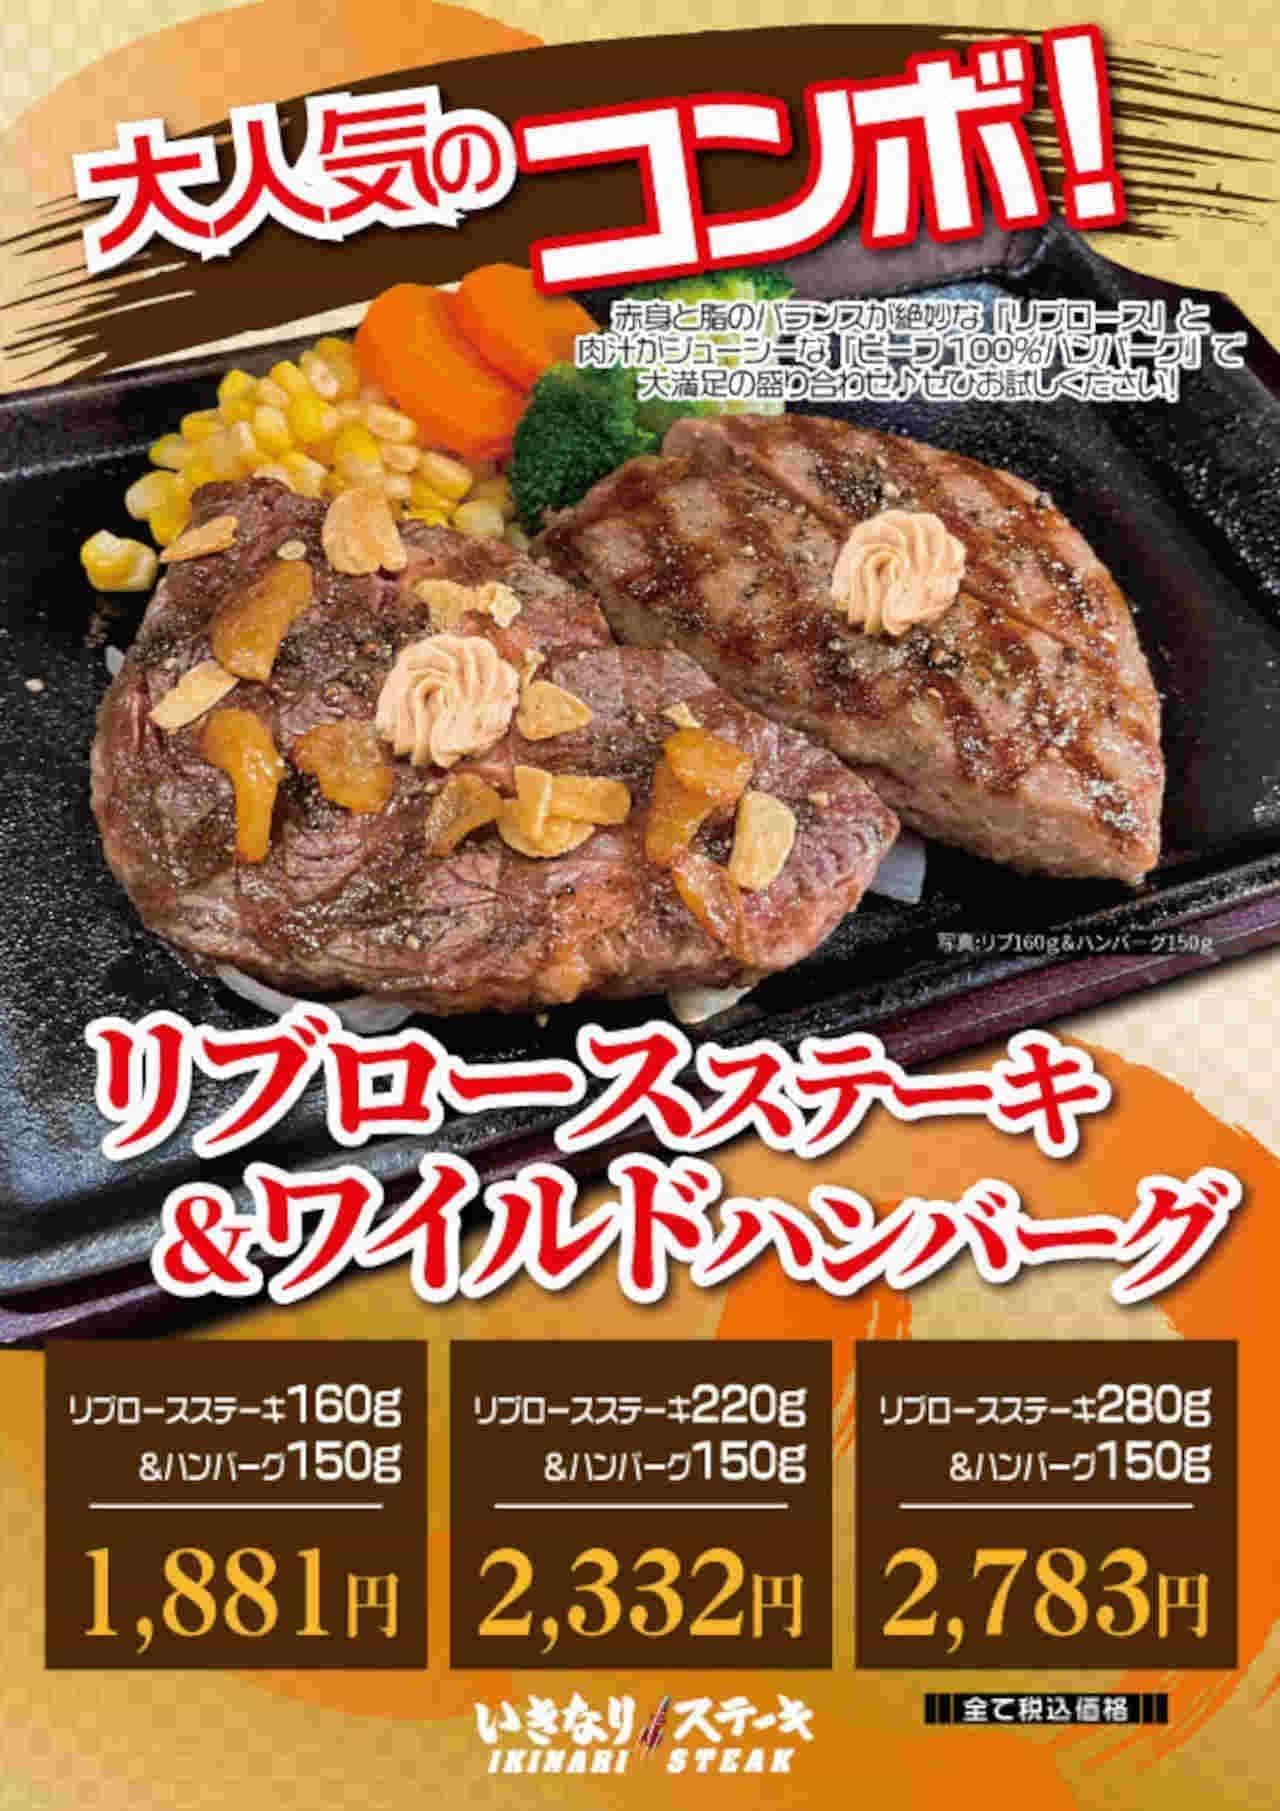 いきなり!ステーキ「リブロースステーキ&ハンバーグコンボ」